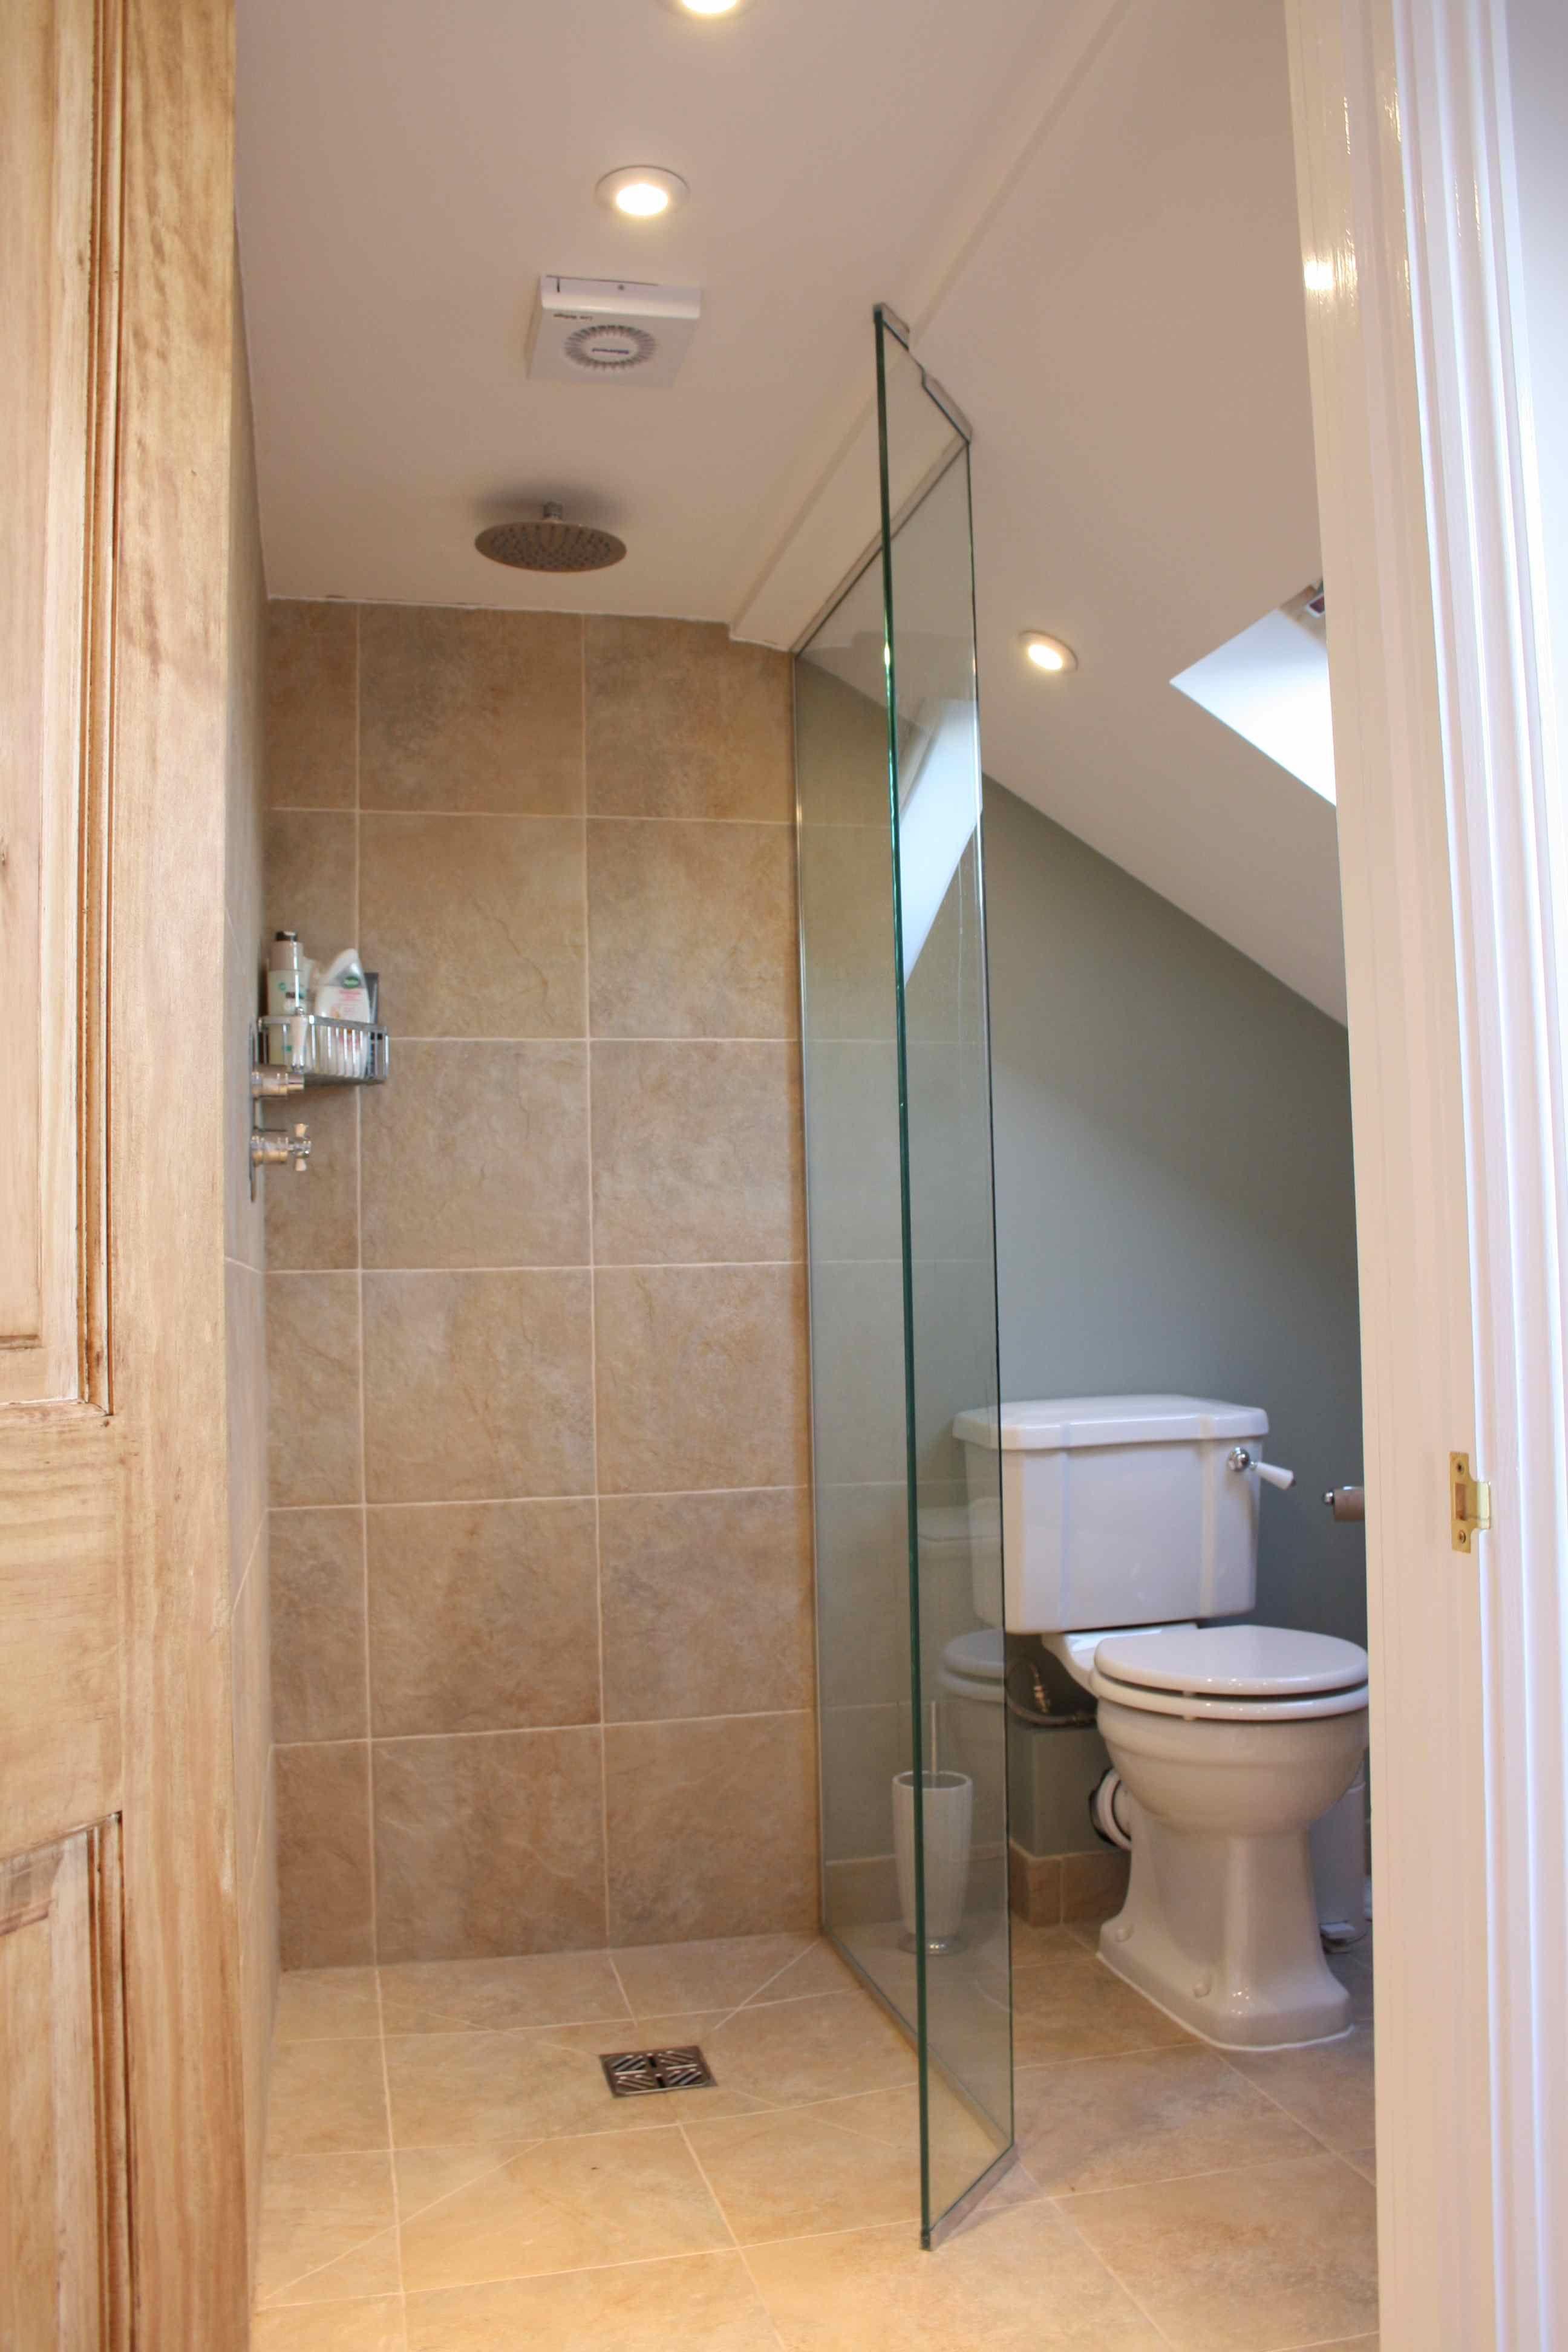 Loft Conversion Bathrooms Archives Simply Loft Bathroom Layout Loft Bathroom Small Shower Room